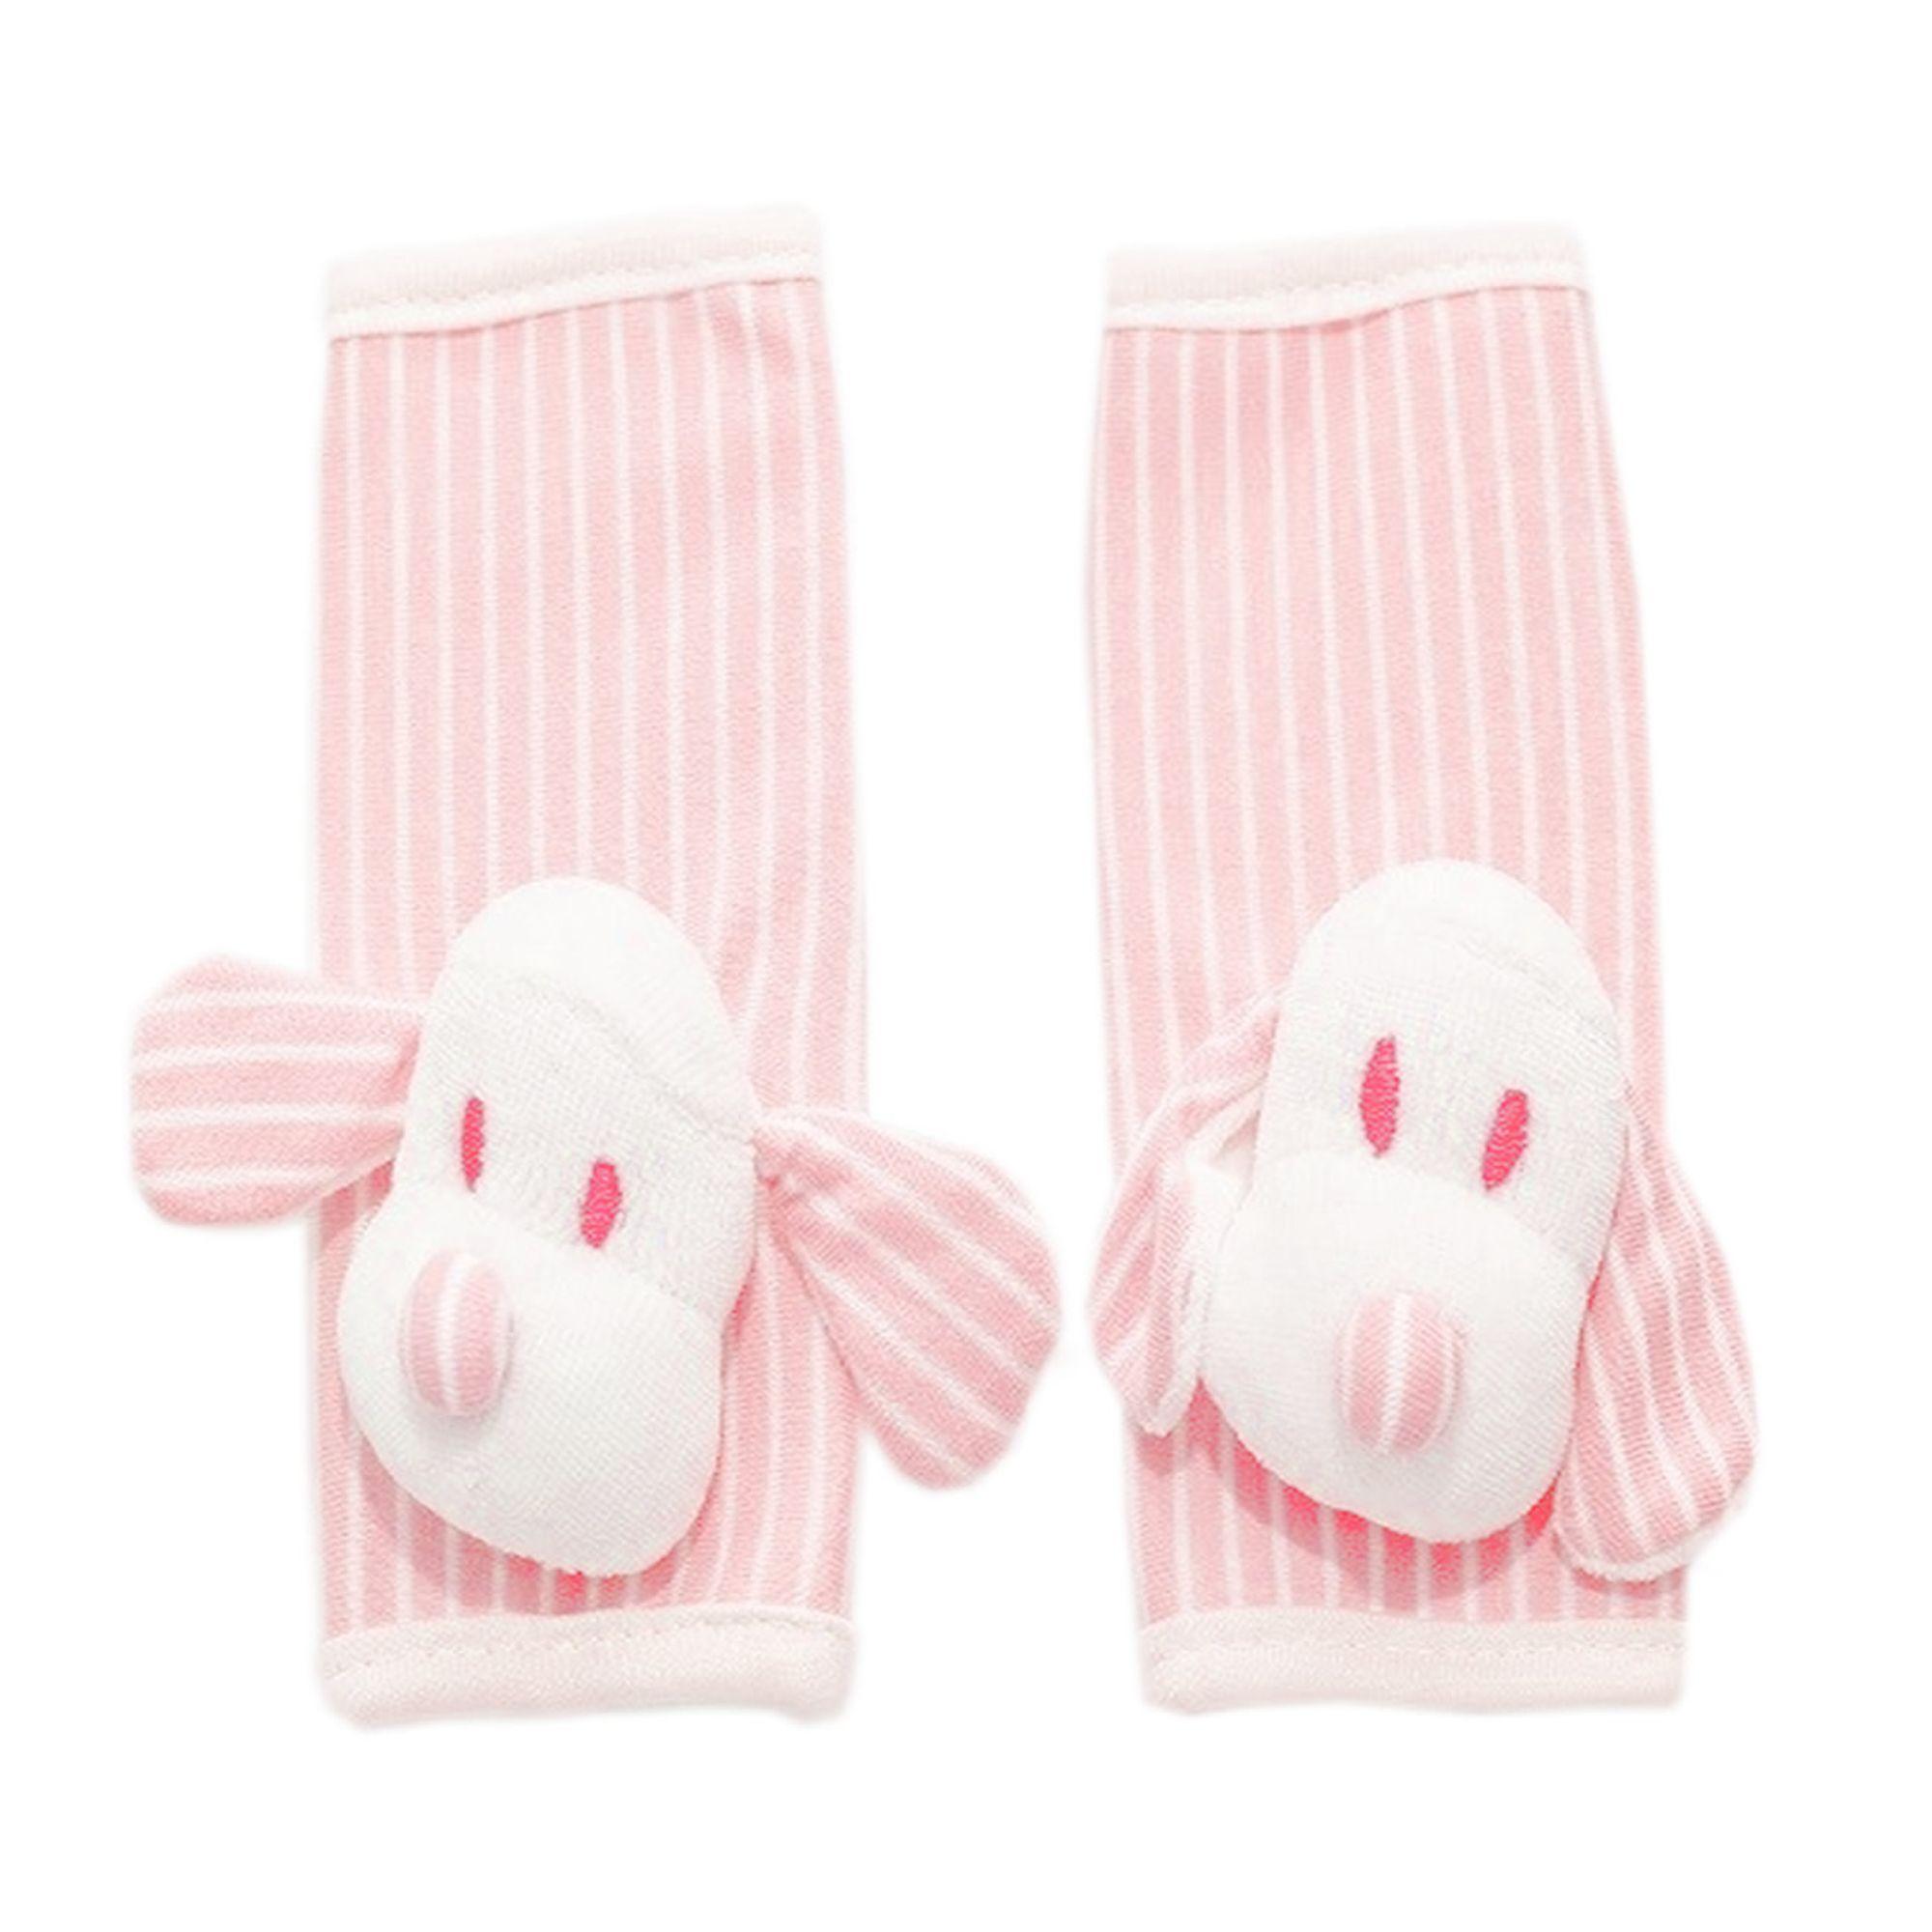 protetor-cinto-bebes-cachorrinho-listras-rosa-claro-zip-toys